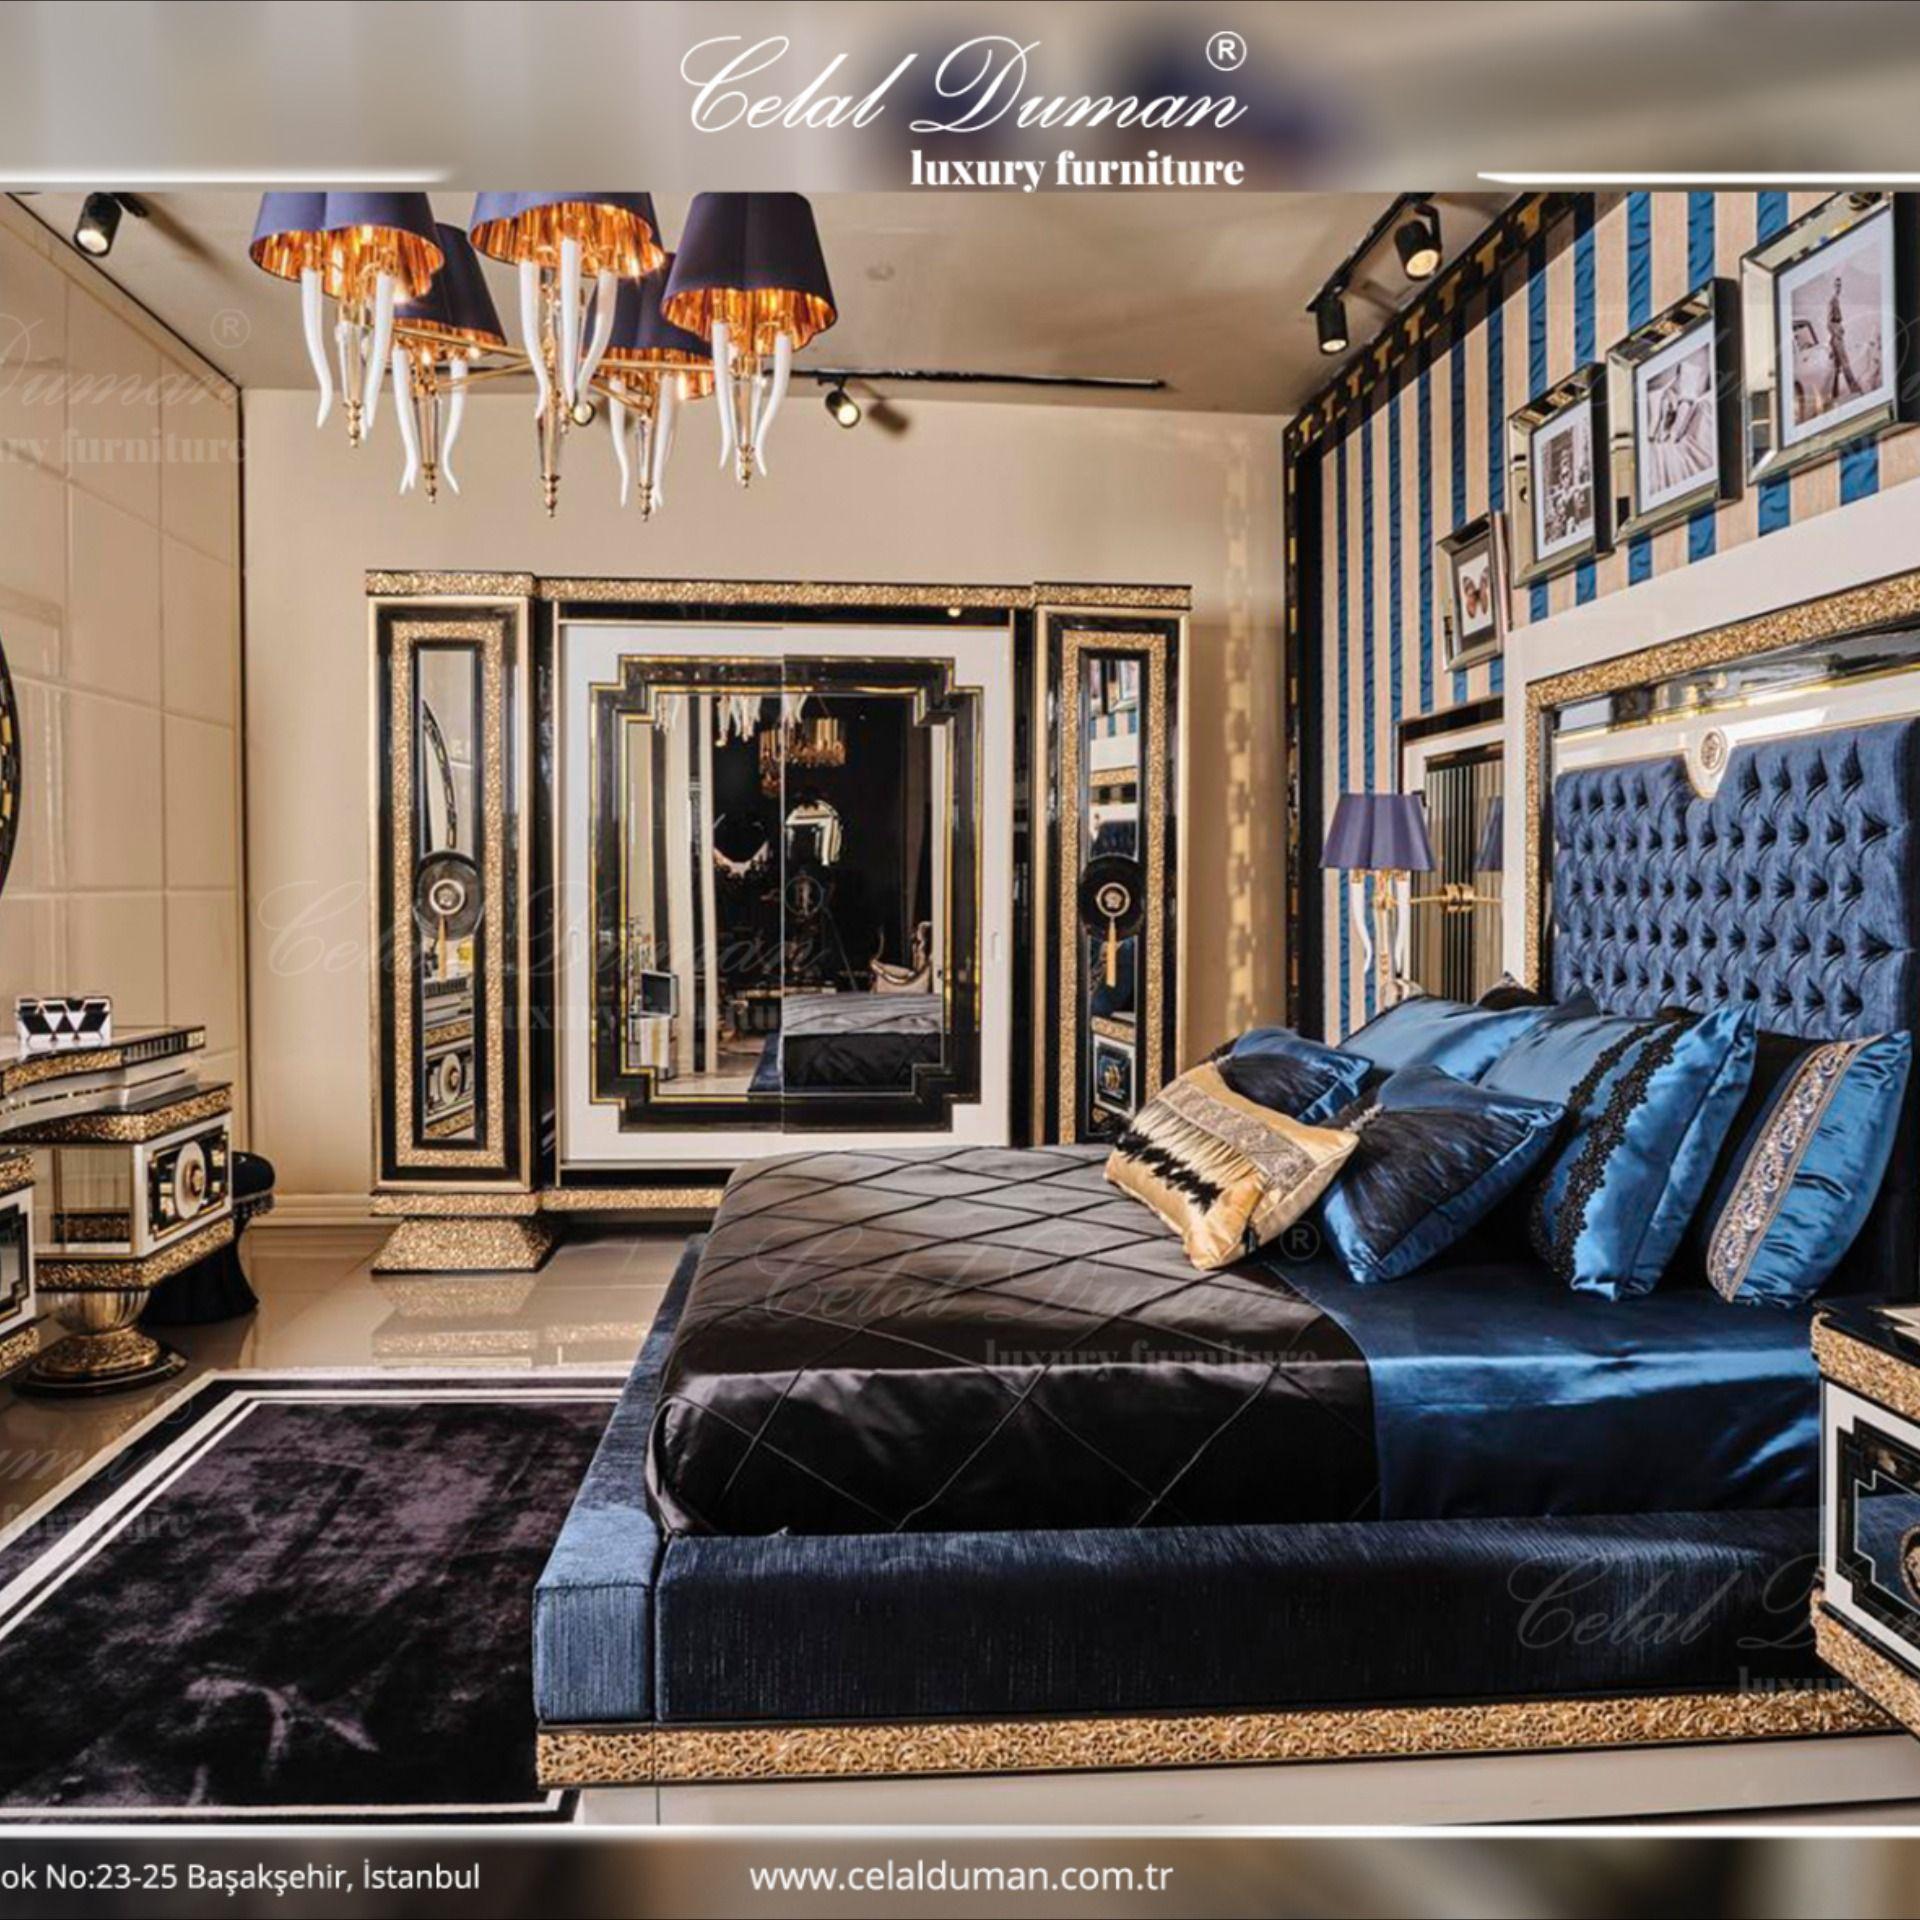 Cullinan; Naifliği ve zarafeti ile ev yaşam alanlarınızın özlem duyduğu Lüx Tasarımların en özel koleksiyonu. . . . #celalduman #celaldumanmobilya #mobilya #masko #koltuktakımı #yemekodası #maskomobilyakenti #evdekorasyon #dekorasyonfikirleri #mobilyadekorasyon #luxuryfurniture #modernfurniture #furniture #decor #ofisdekorasyon #evdekor #projects #köşekoltuk #tvunited #design #yemekodası #yatakodası #interiordesign